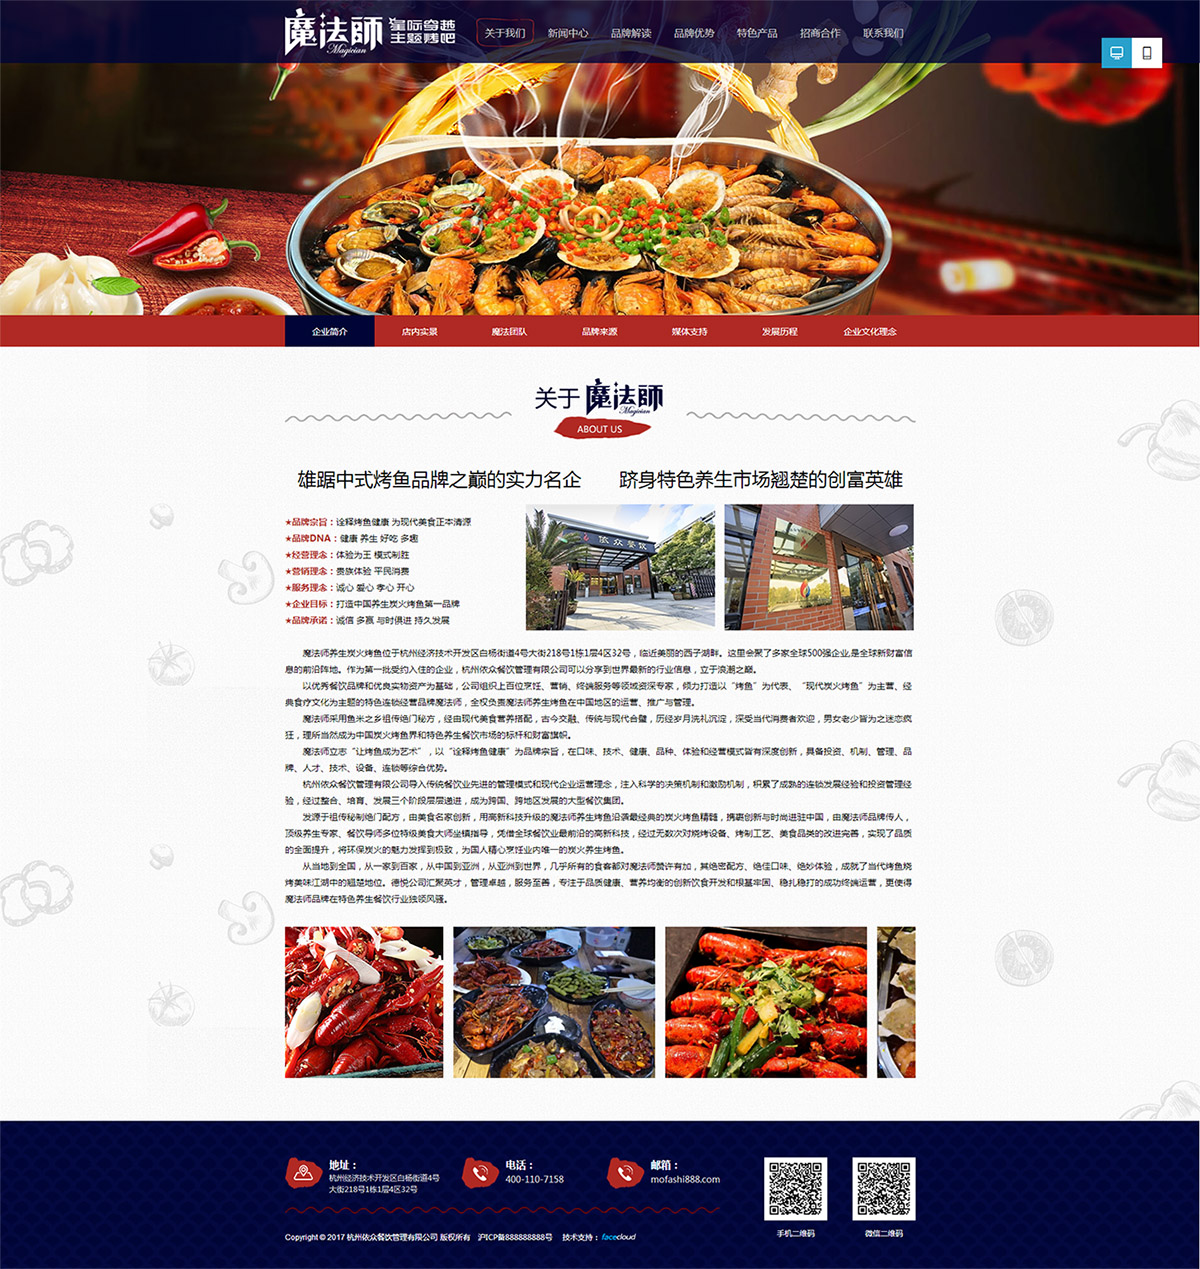 上海德悦餐饮有限公司_内页